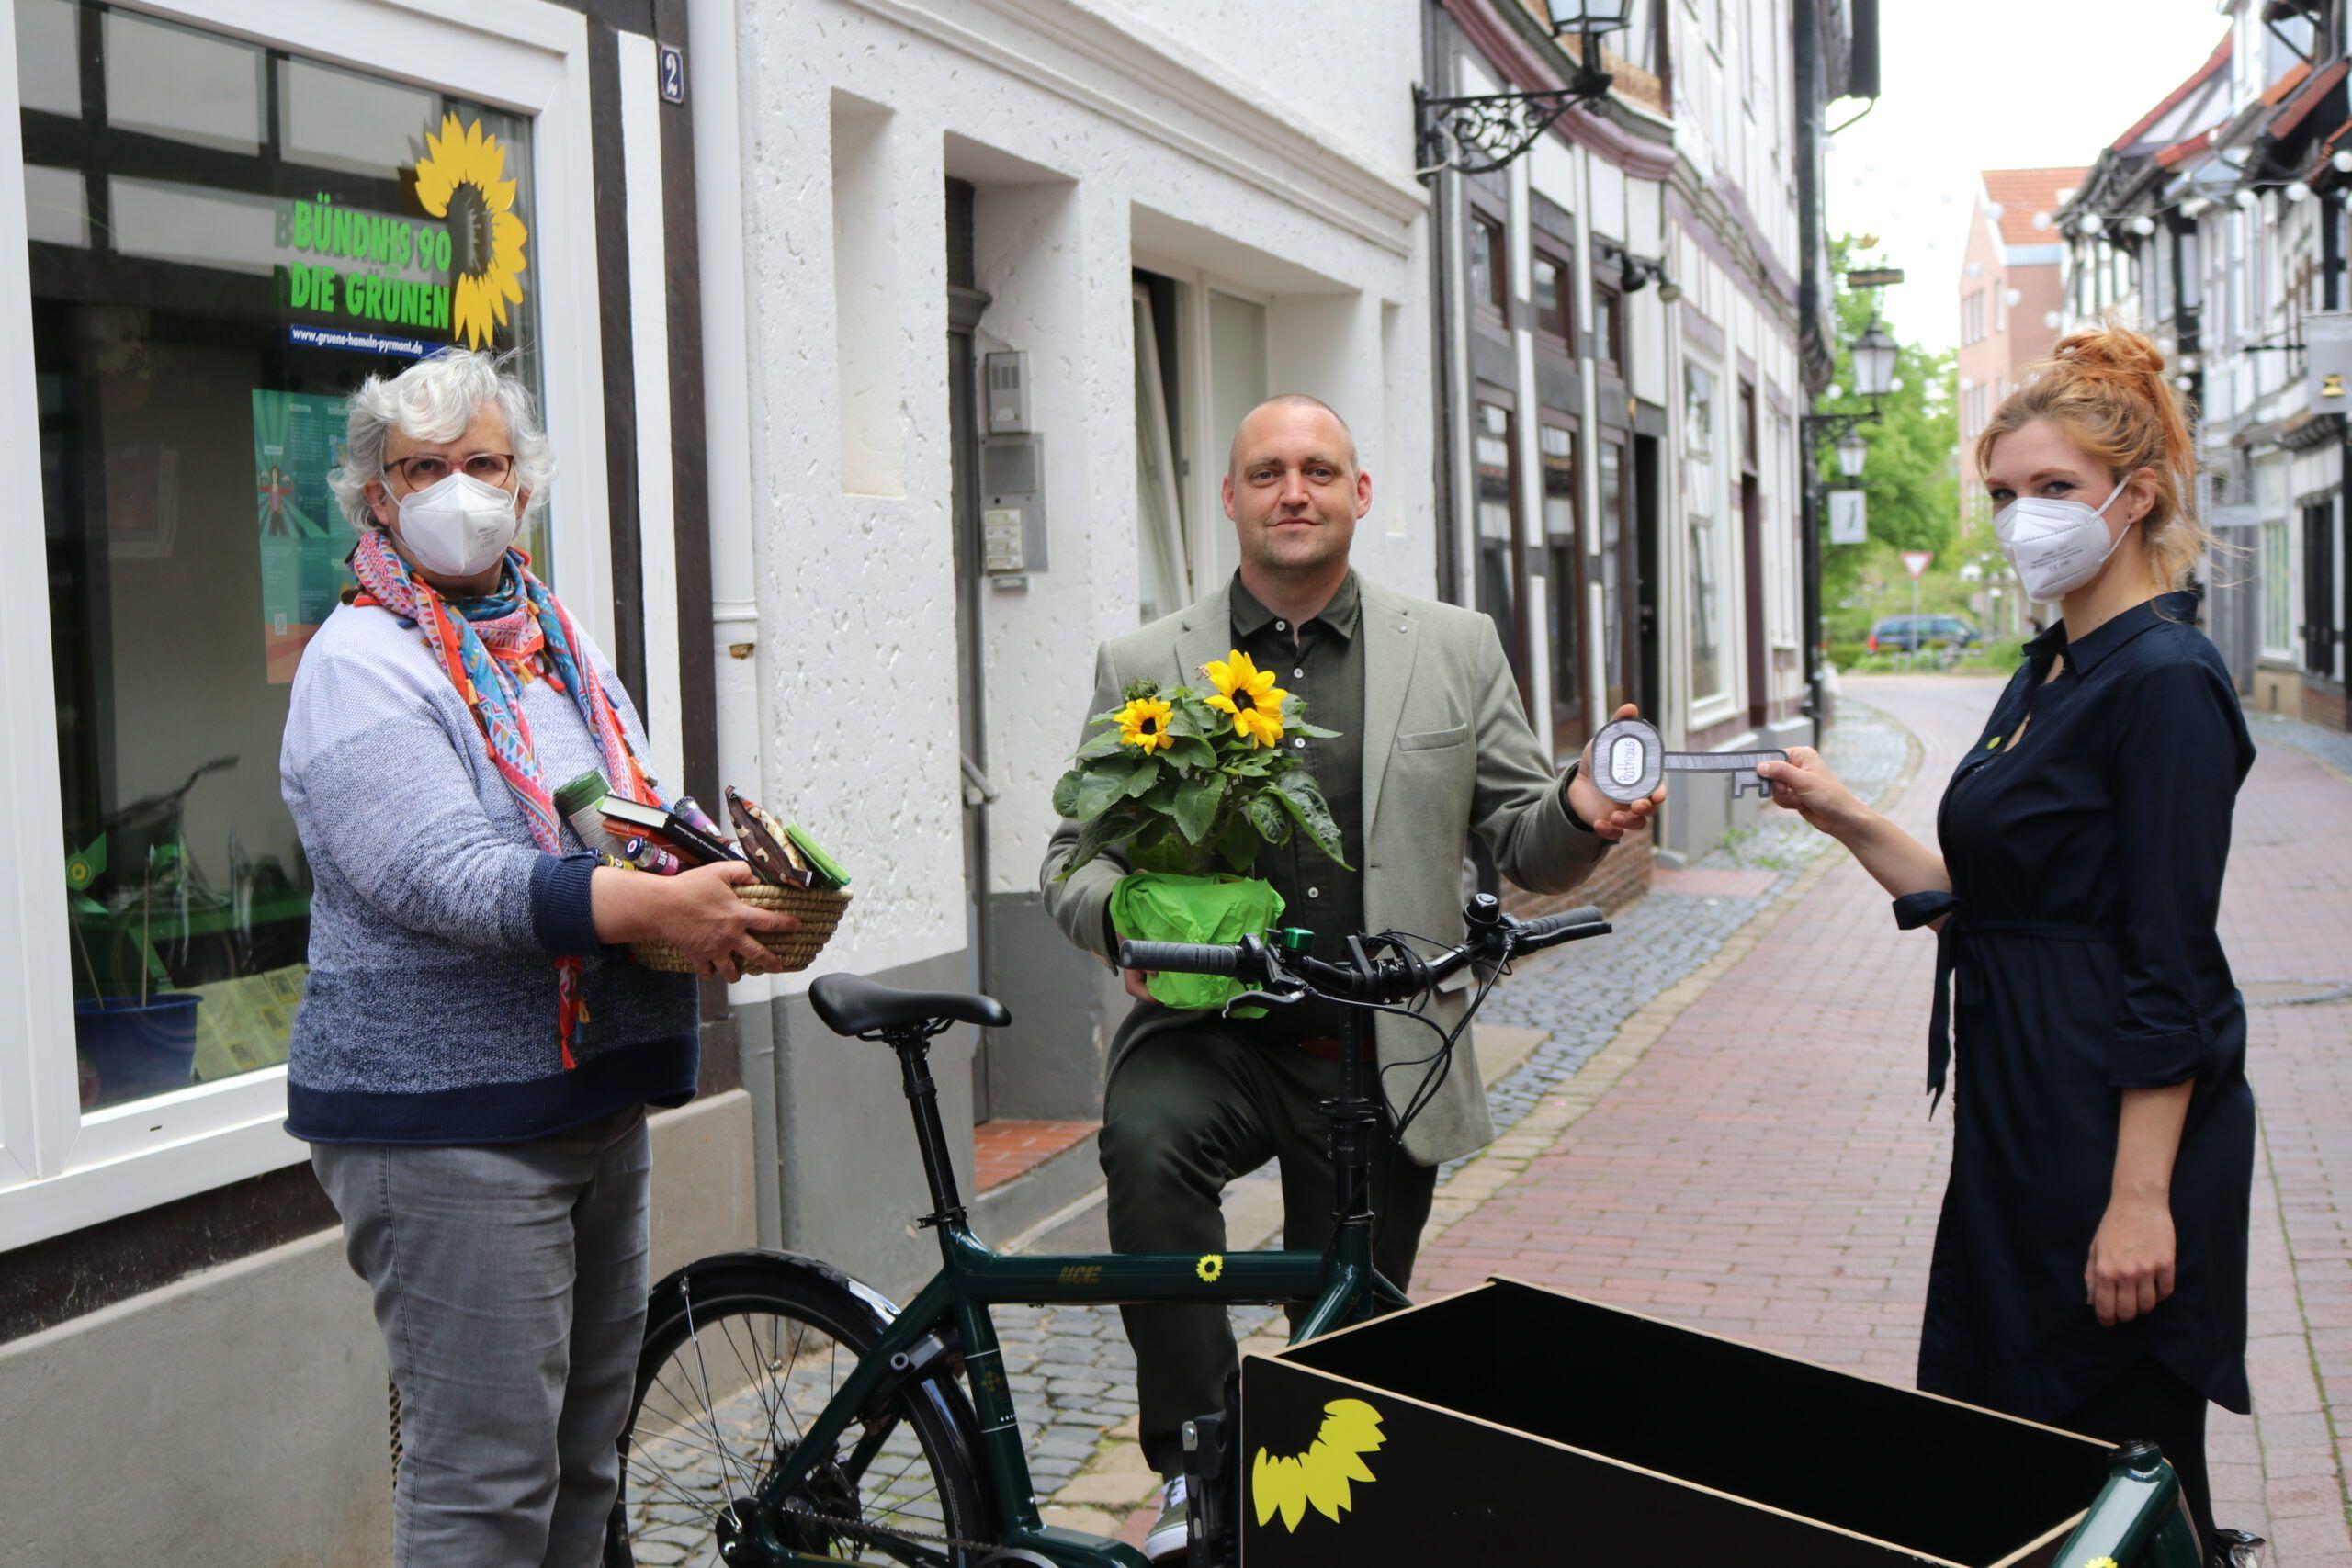 Grüne setzen auf Sven Kornfeld für das Amt des Oberbürgermeisters